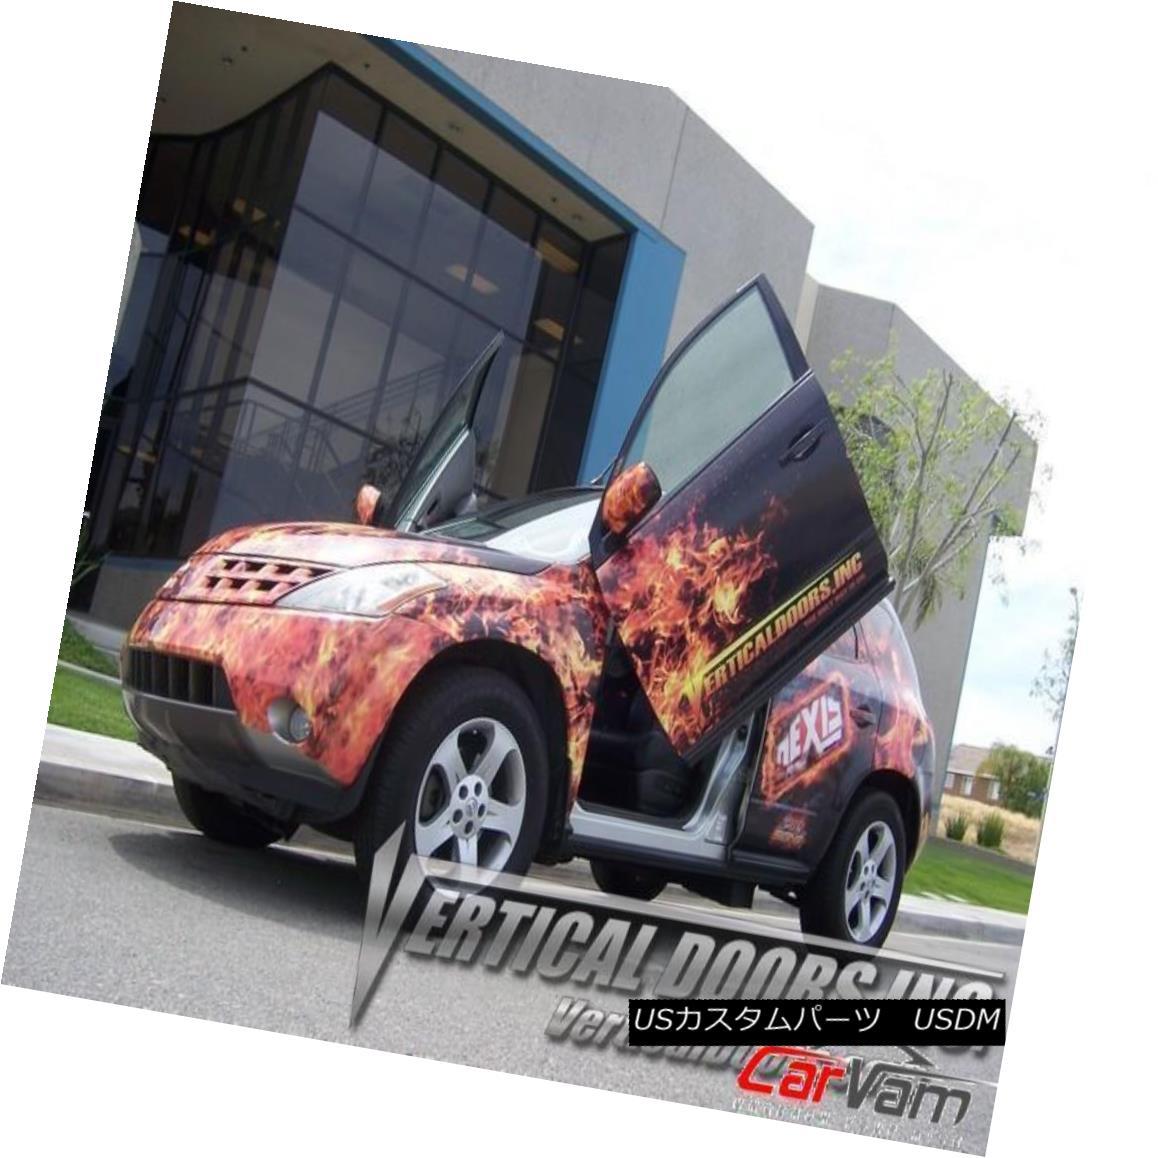 ガルウィングキット Vertical Doors - Vertical Lambo Door Kit For Nissan Murano 2003-07 -VDCNMUR0307 垂直ドア - 日産ムラーノ用の垂直型ランボルギーニドアキット2003-07 -VDCNMUR0307